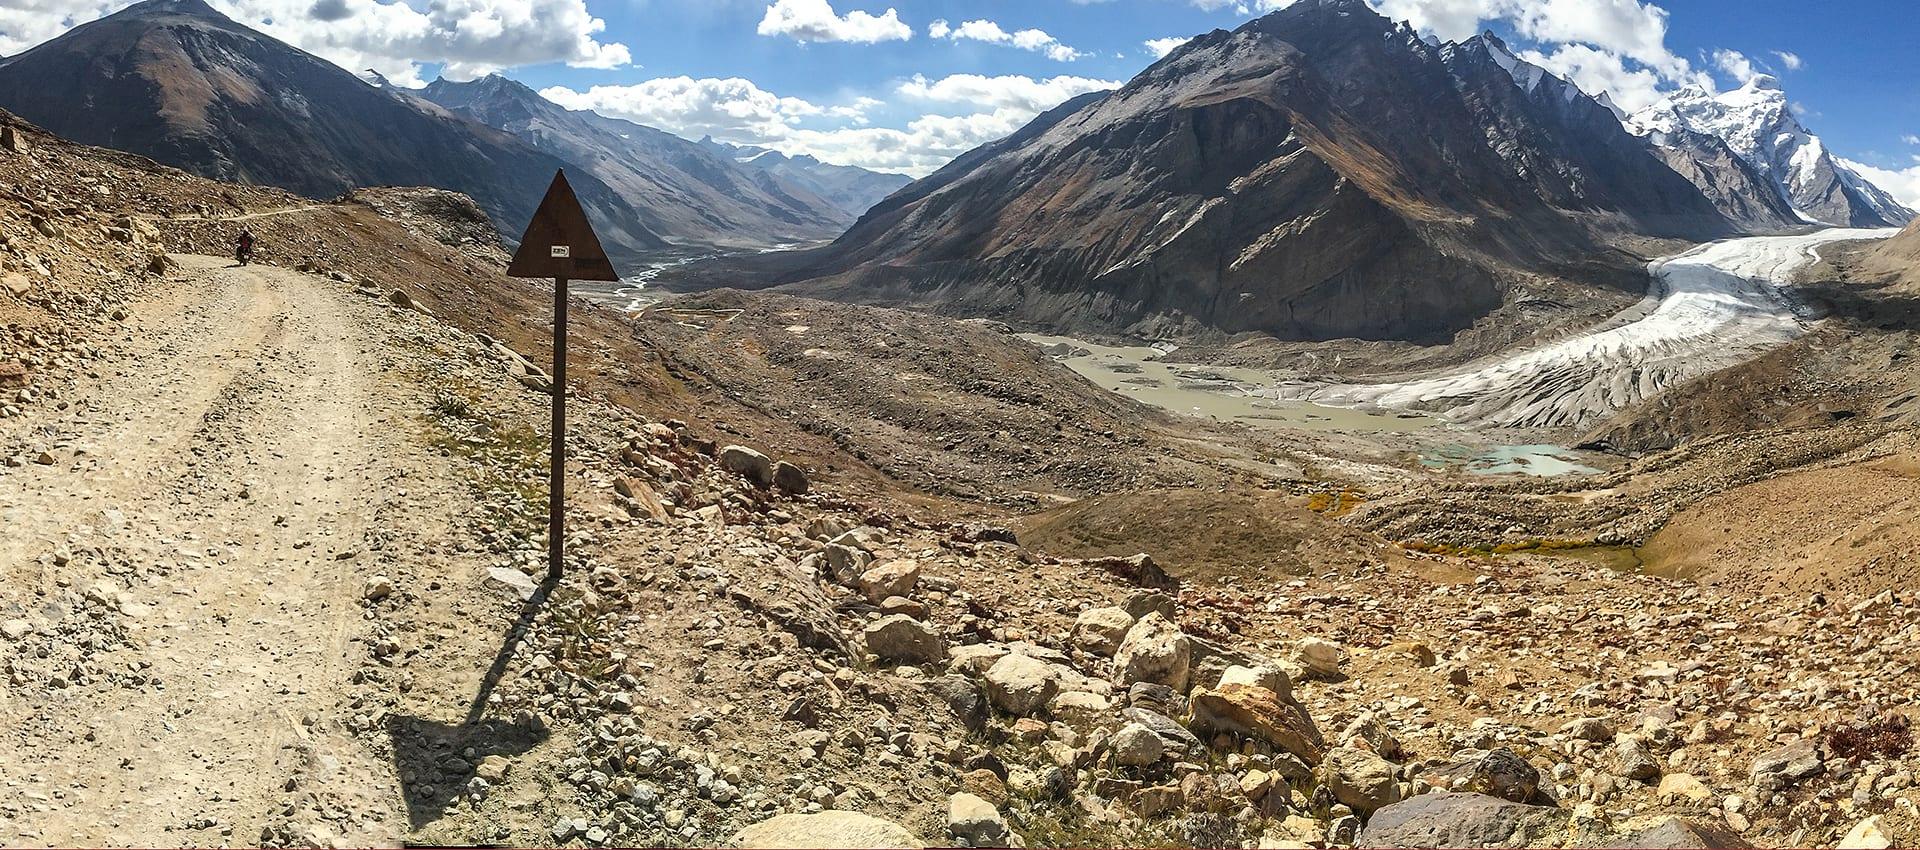 Overzicht van onze motorreizen in de Himalaya in India, Ladkah, Zanskar, Nepal en Upper-Mustang